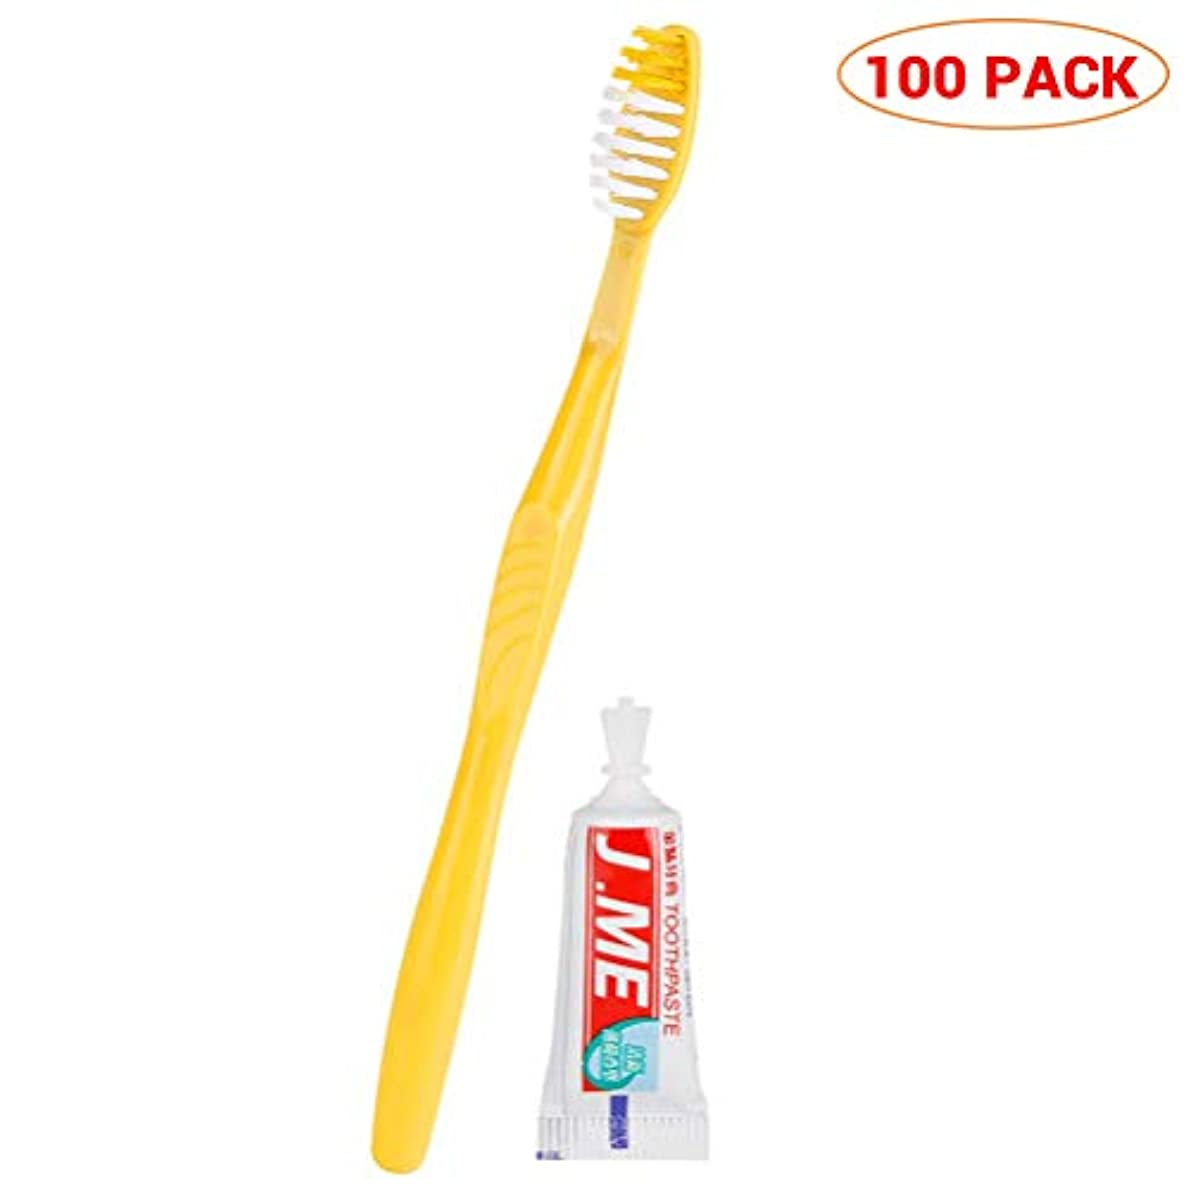 傾向用量こどもセンター歯磨き粉付き使い捨て歯ブラシ、100パック